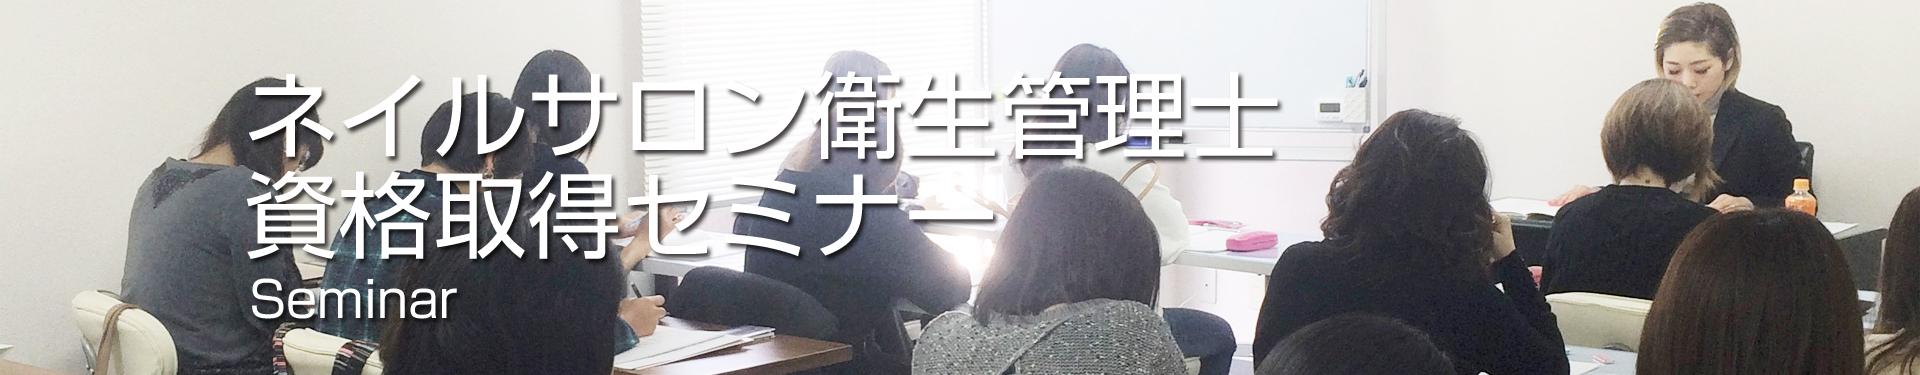 吉祥寺のネイルスクール|NAIL DESIGN COLLEGE|ネイルサロン衛生管理士資格取得セミナー